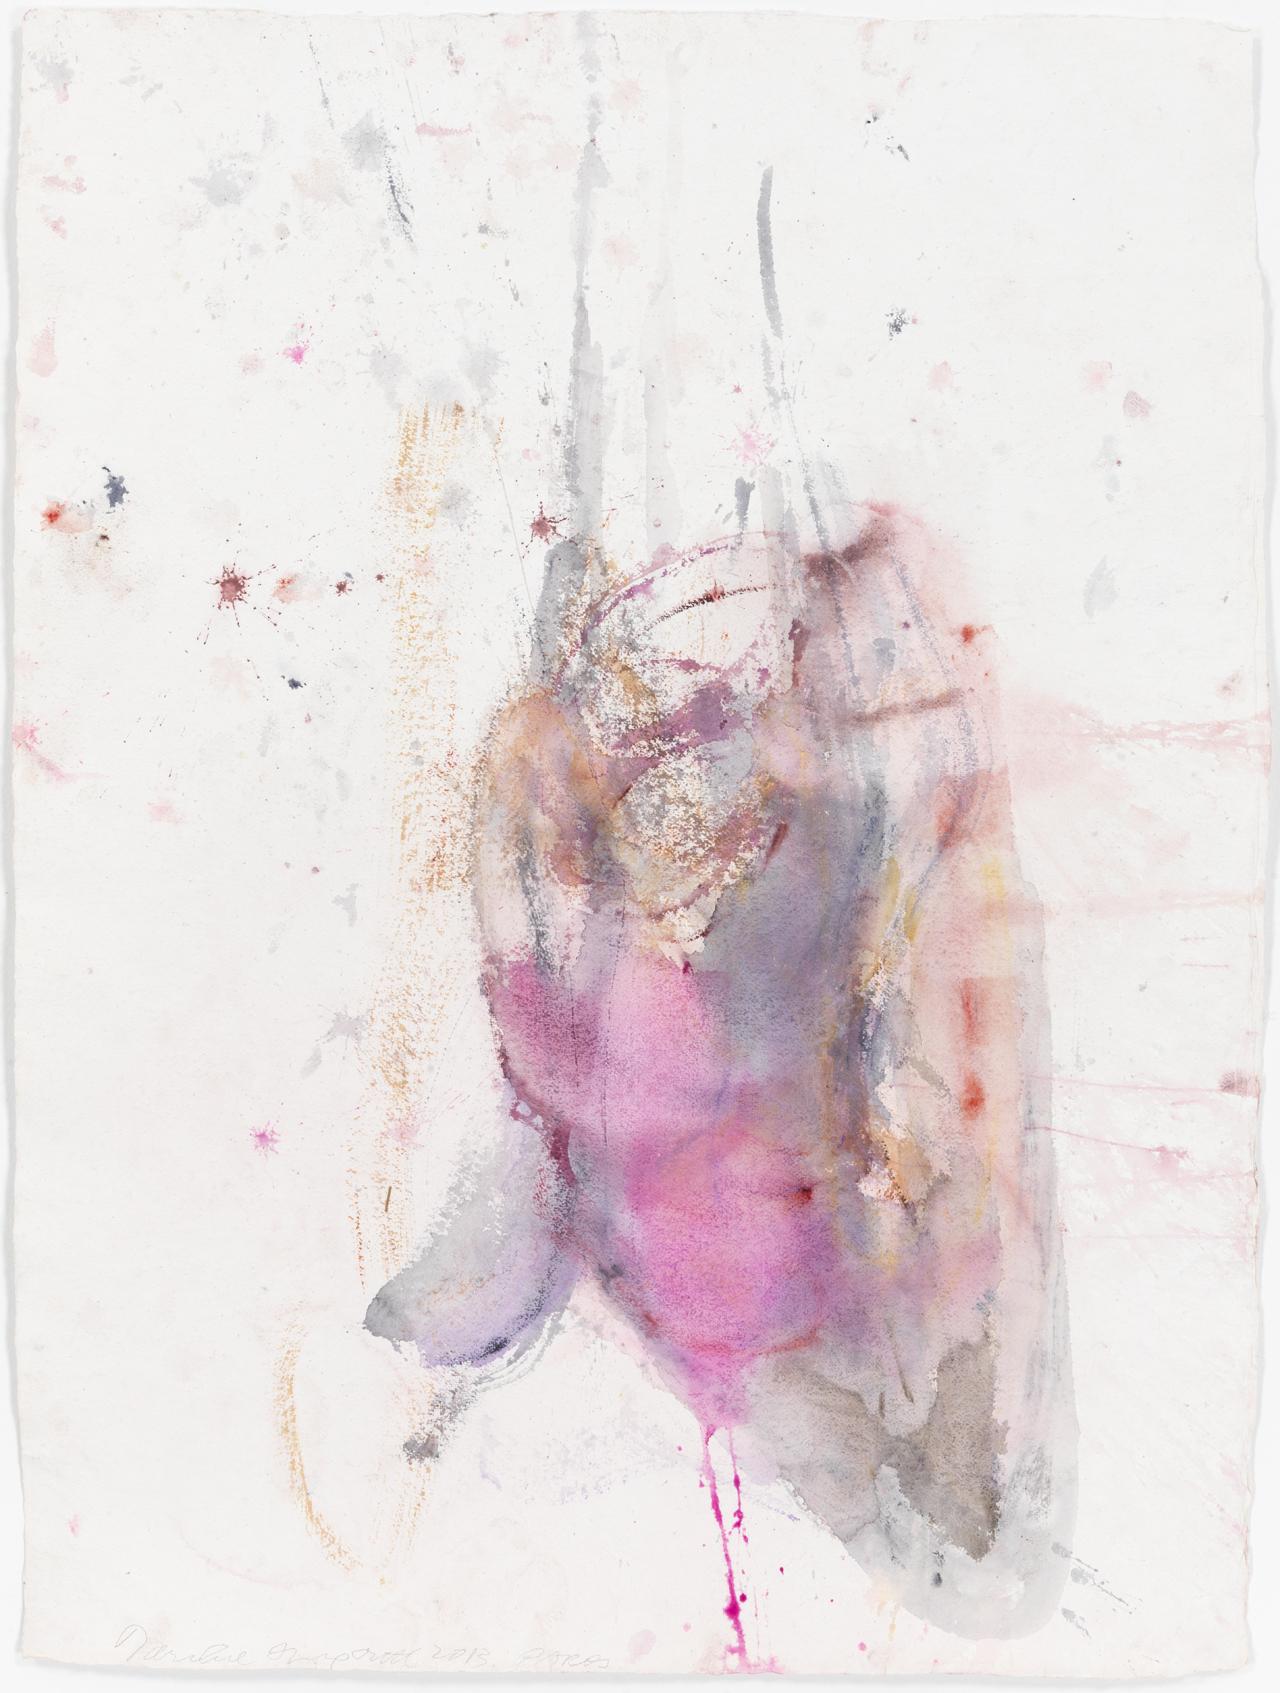 Martha Jungwirth, Medusa, aus der Serie ,Paros', 2013, Aquarell auf handgeschöpftem Papier, 139,9 x 105,2 cm